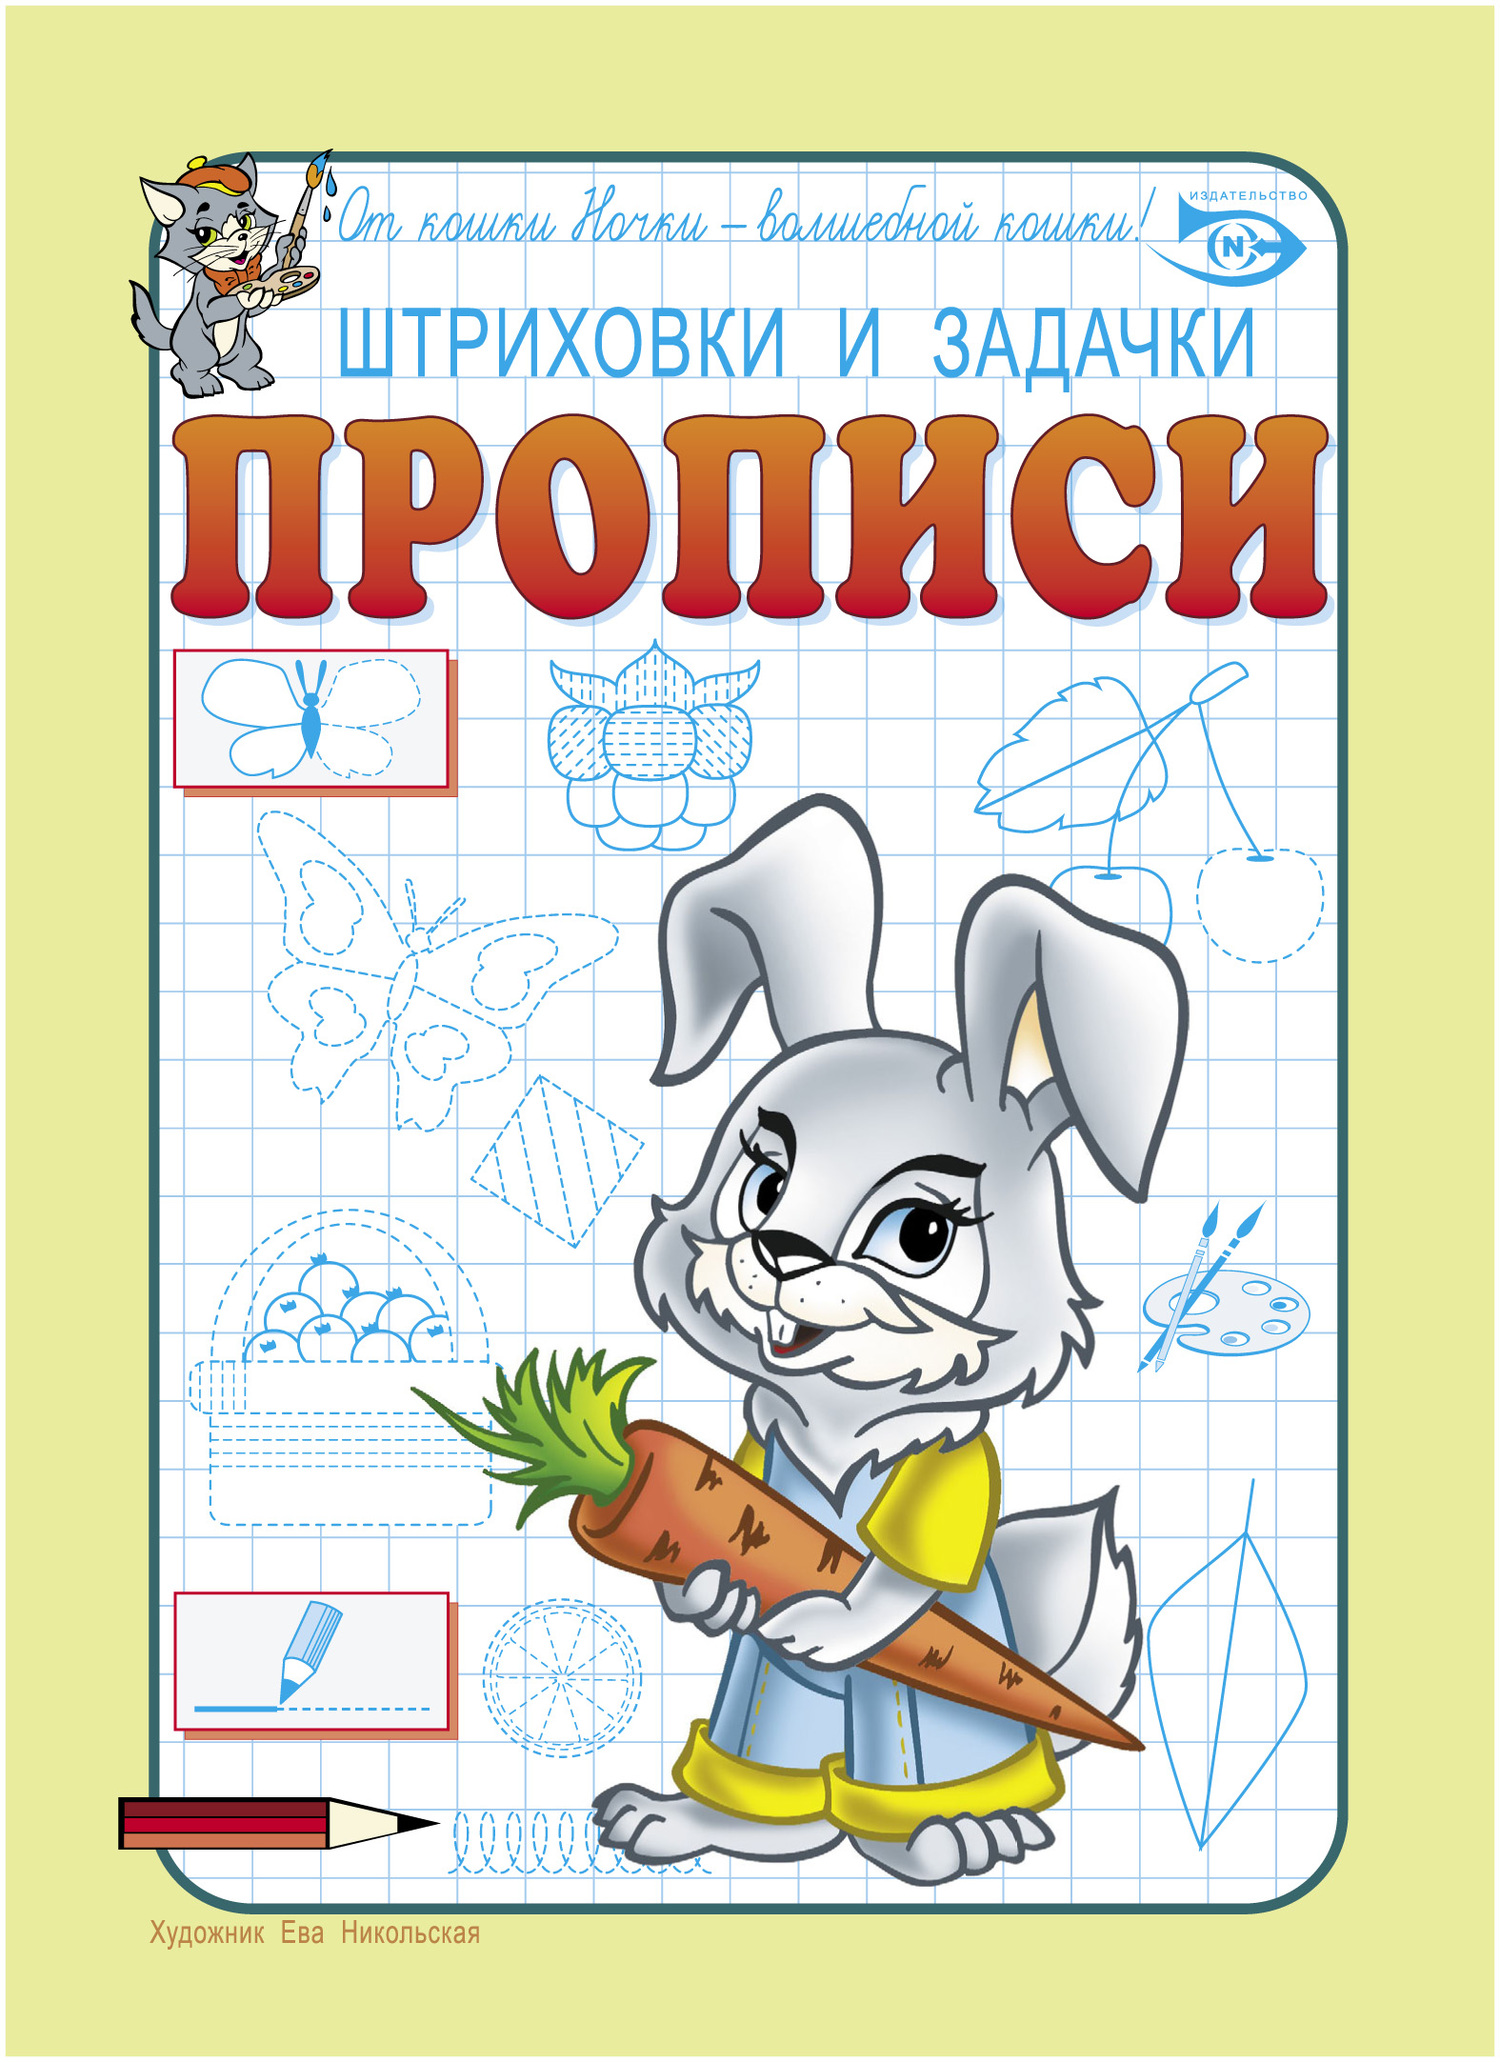 Ева Никольская, книга Штриховки и задачки. Прописи ...